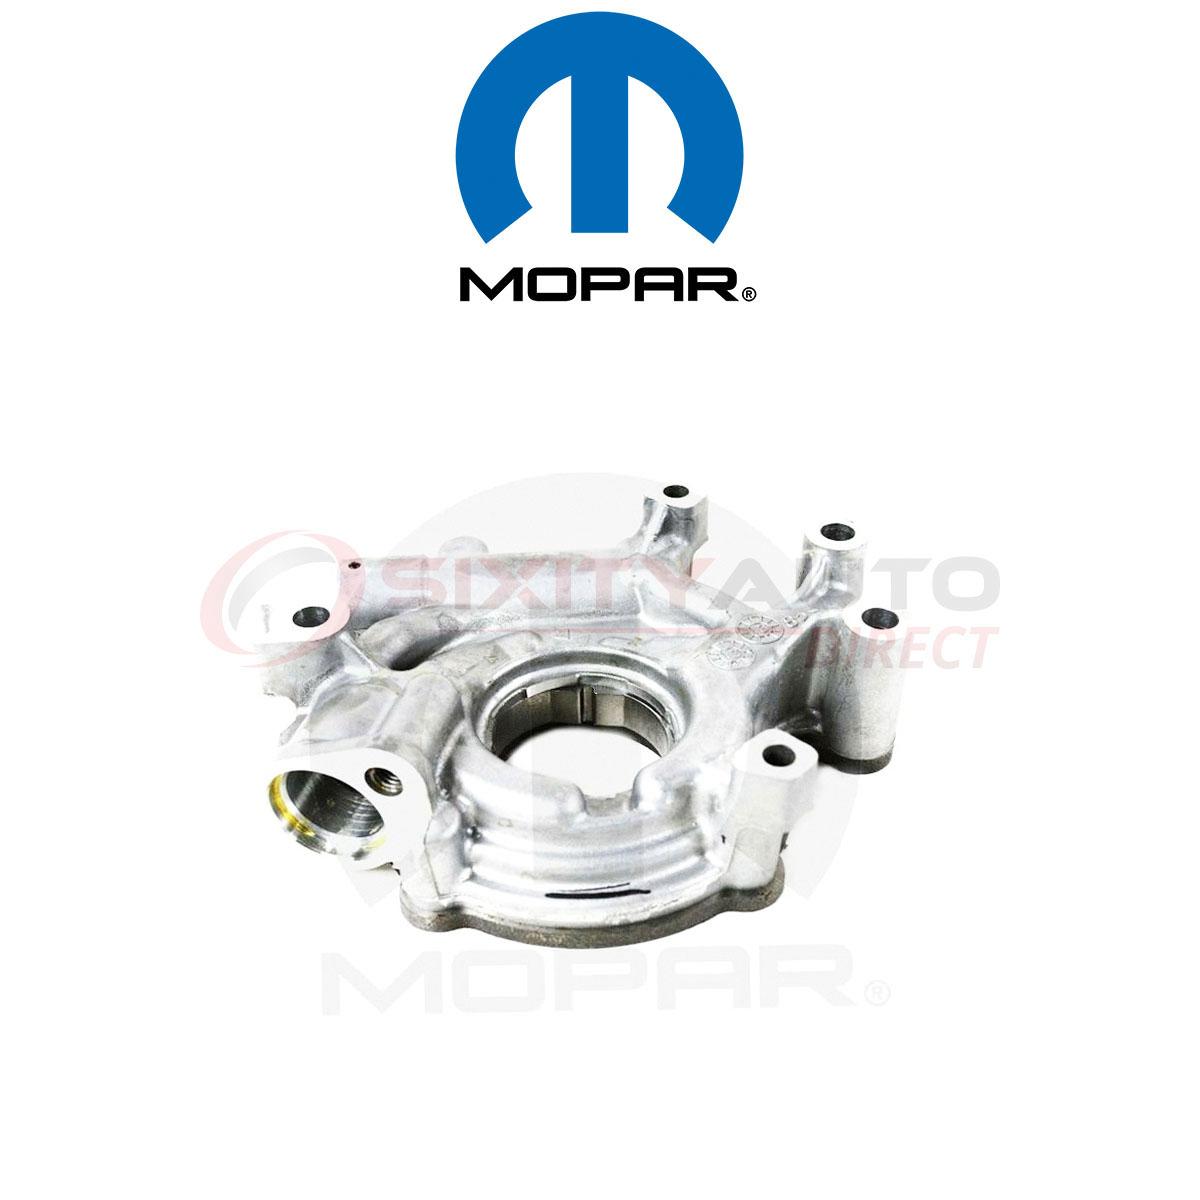 Mopar Engine Oil Pump for 2007-2009 Chrysler Aspen 4.7L V8